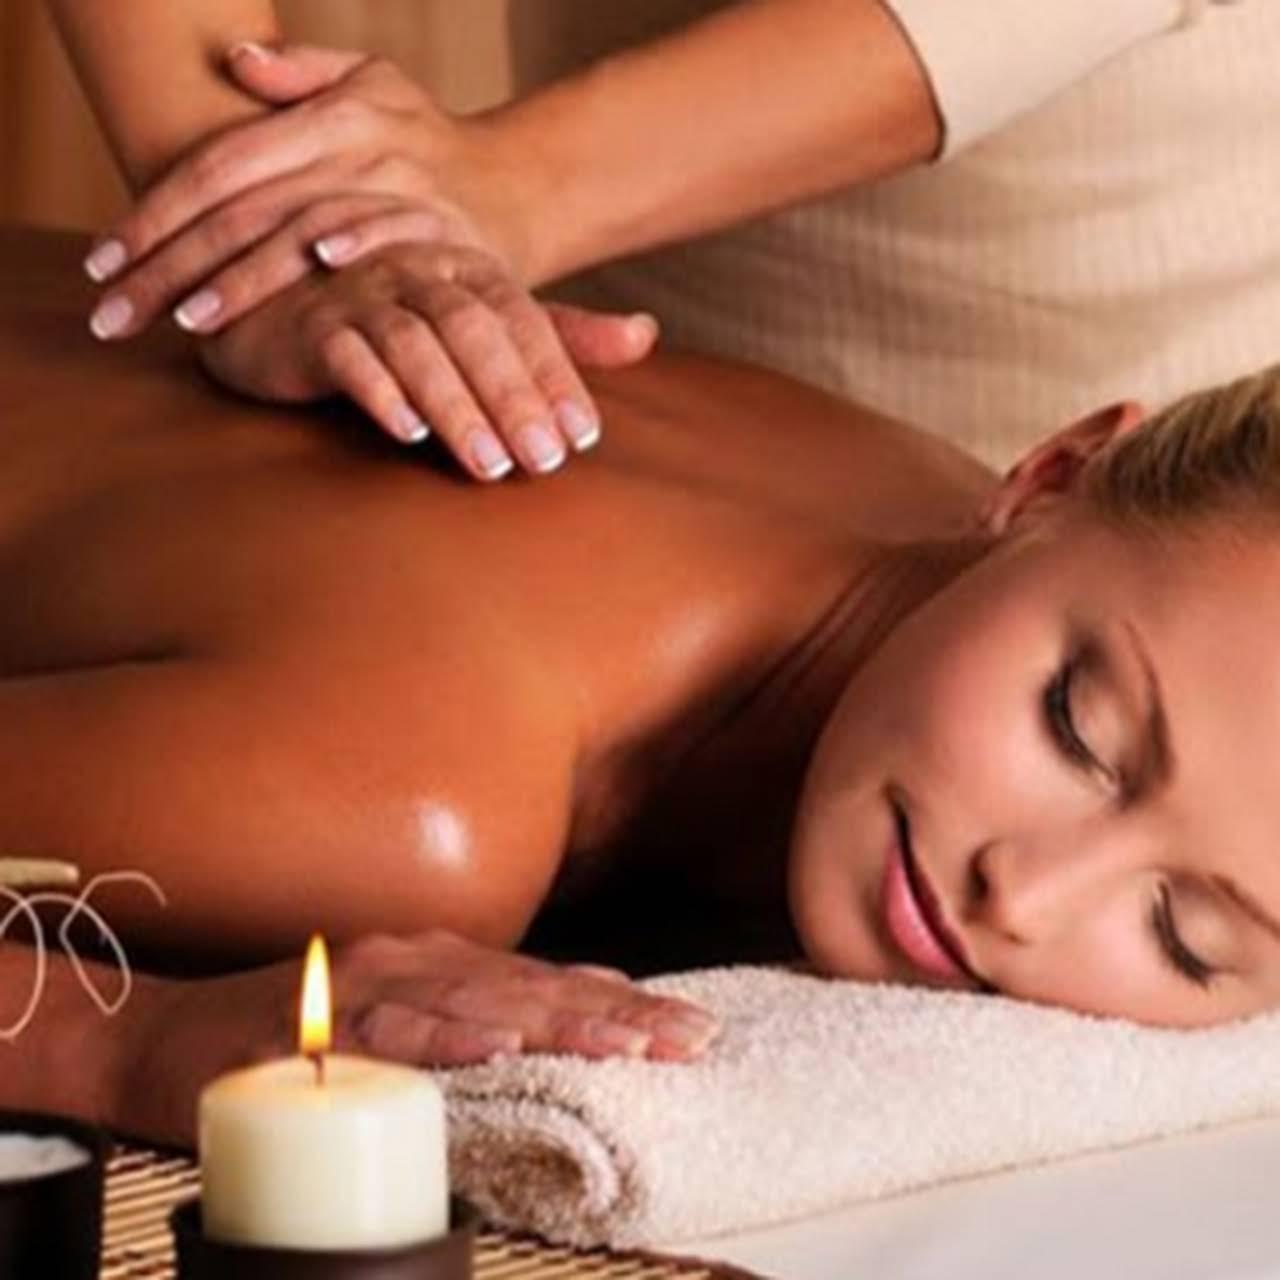 erotic massage helsinki hieronta kallio